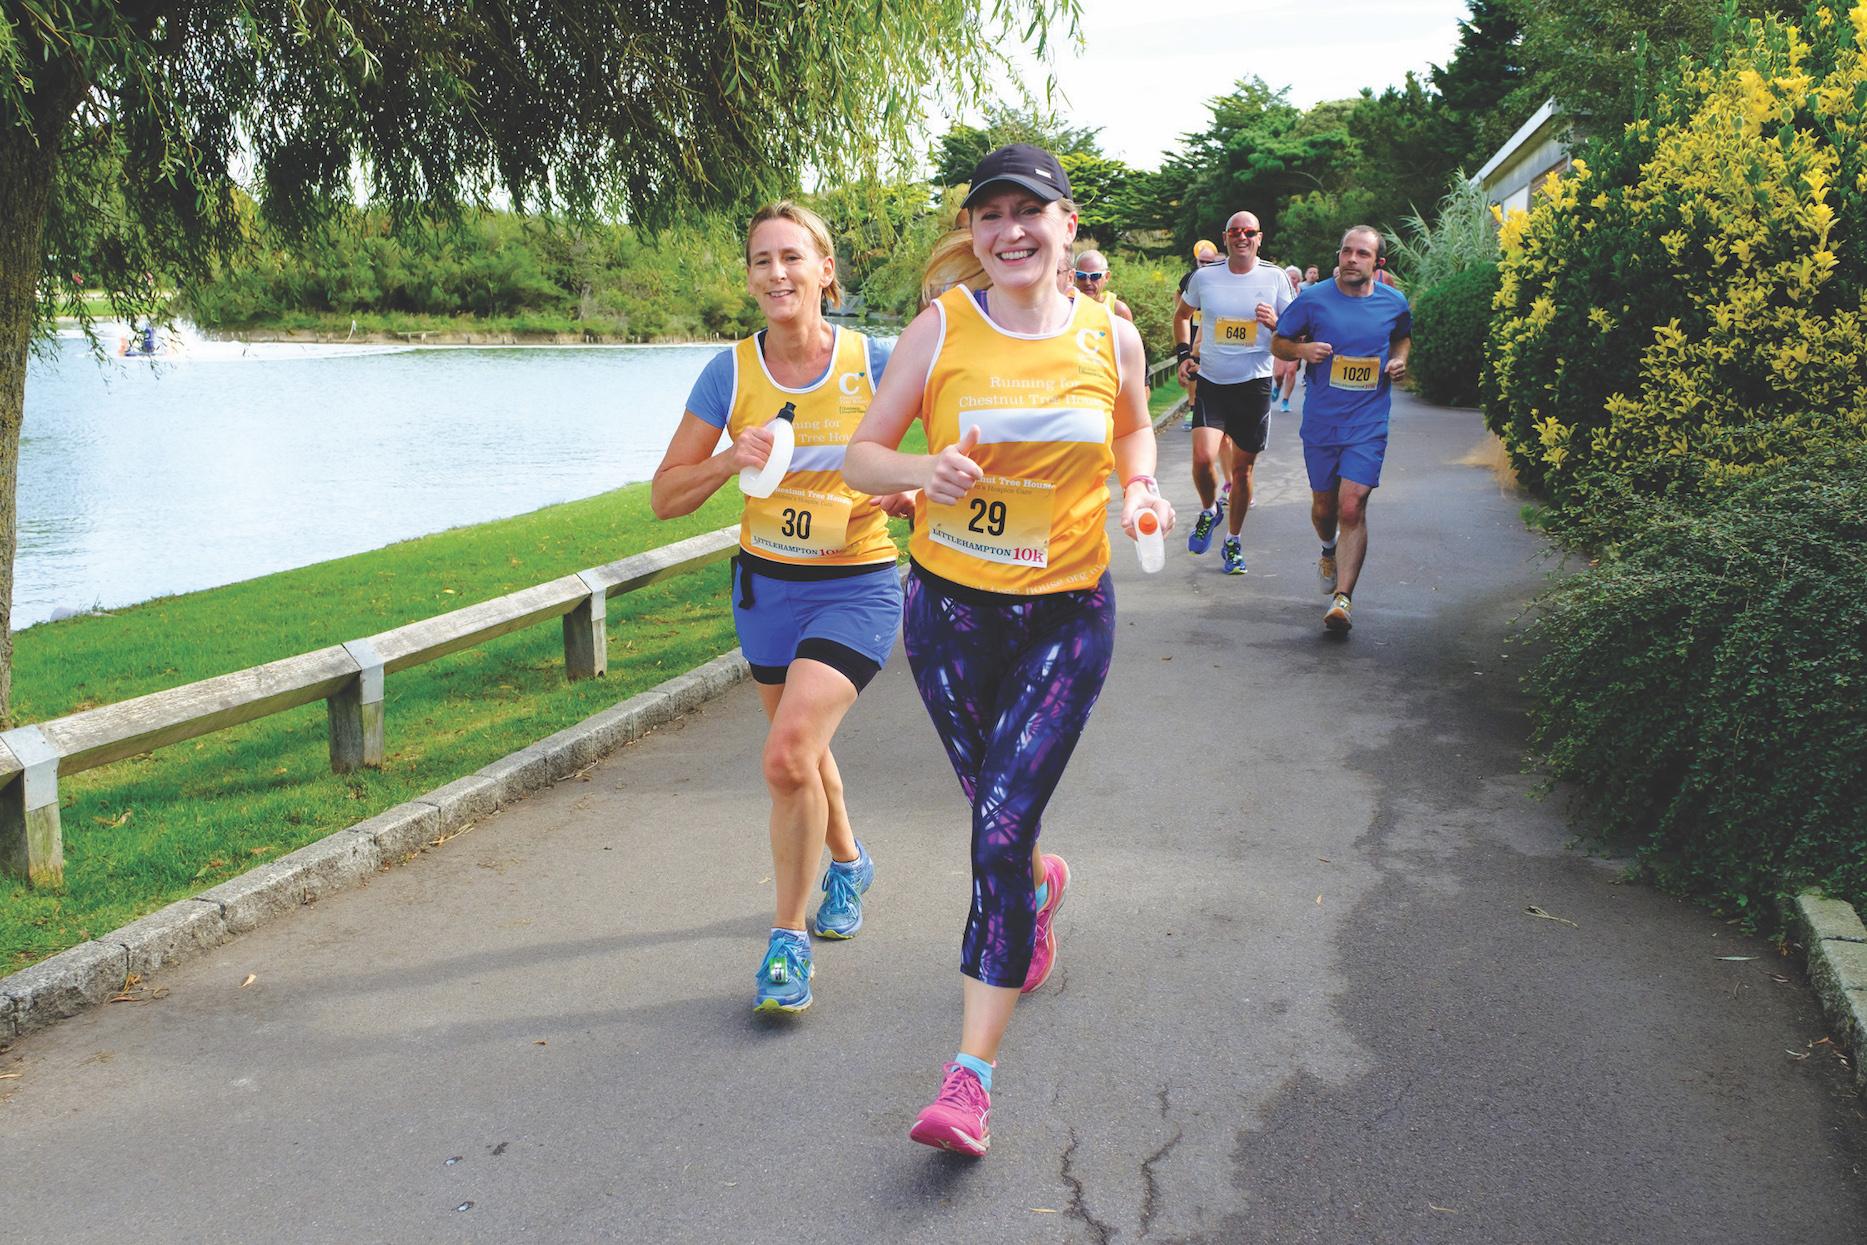 Chestnut Tree Littlehampton10k Runners MewsbrookPark